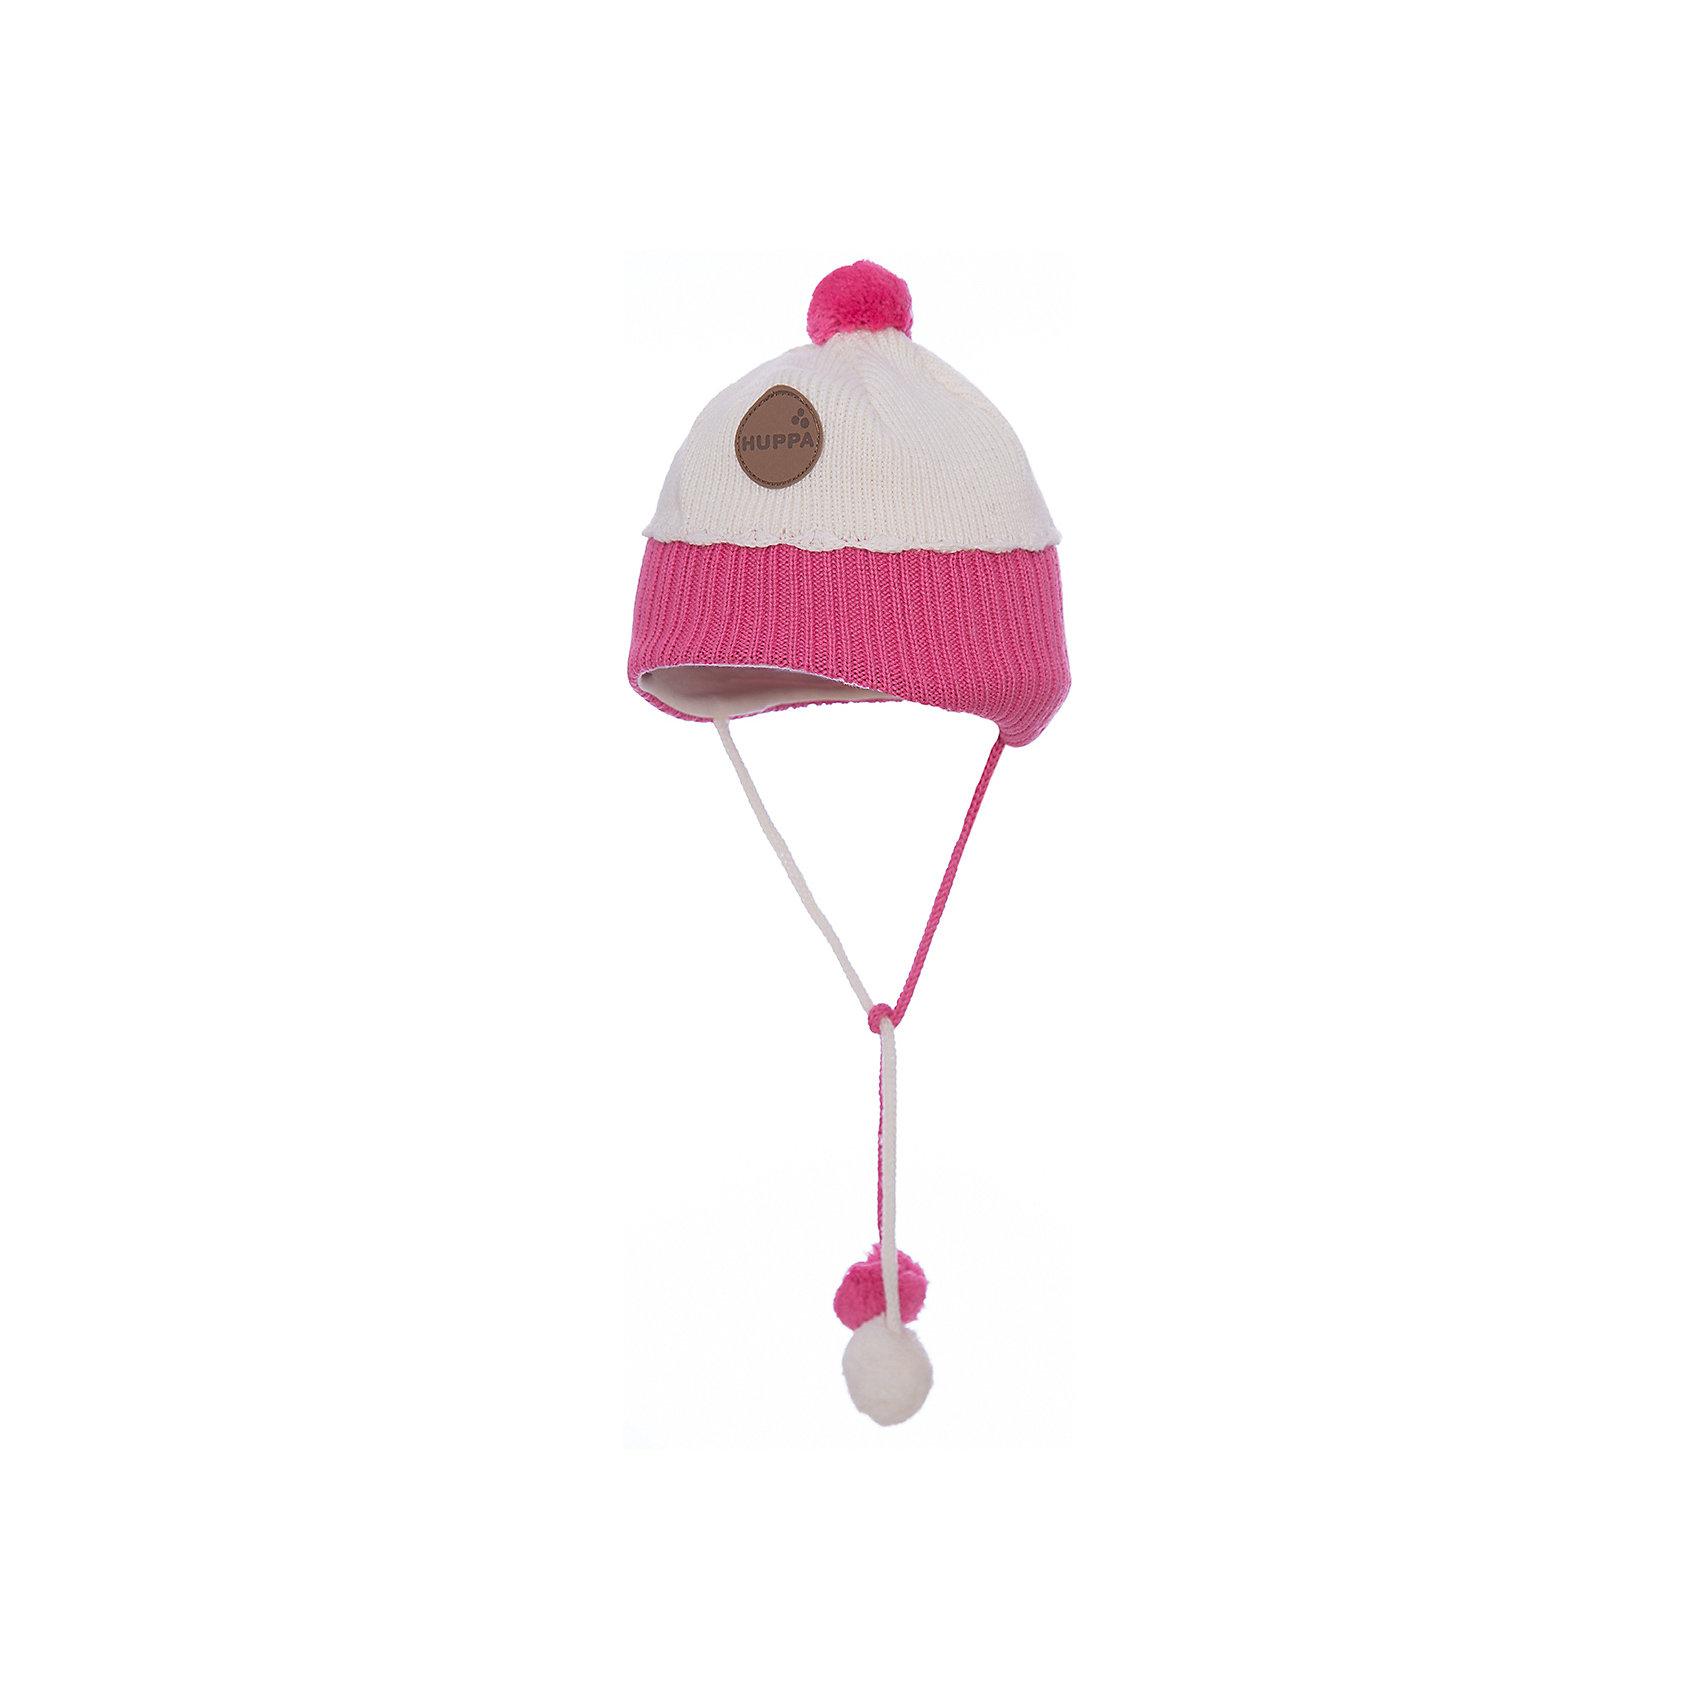 Шапка для девочки HuppaЗимняя вязаная двухцветная шапка для малышей. Для удобства ношения у шапки приятная подкладка из хлопкового трикотажа, наружная часть из смеси 50% мериносовой шерсти и 50% акриловой пряжи. Более интересной шапку делают разноцветные ленты с помпонами, при помощи которых шапку можно завязать и защитить уши от холода, а также кружева в разрезе. <br><br><br><br>Шапку для девочки Huppa (Хуппа) можно купить в нашем магазине.<br><br>Ширина мм: 89<br>Глубина мм: 117<br>Высота мм: 44<br>Вес г: 155<br>Цвет: белый<br>Возраст от месяцев: 9<br>Возраст до месяцев: 12<br>Пол: Женский<br>Возраст: Детский<br>Размер: 43-45,47-49,51-53<br>SKU: 4242924